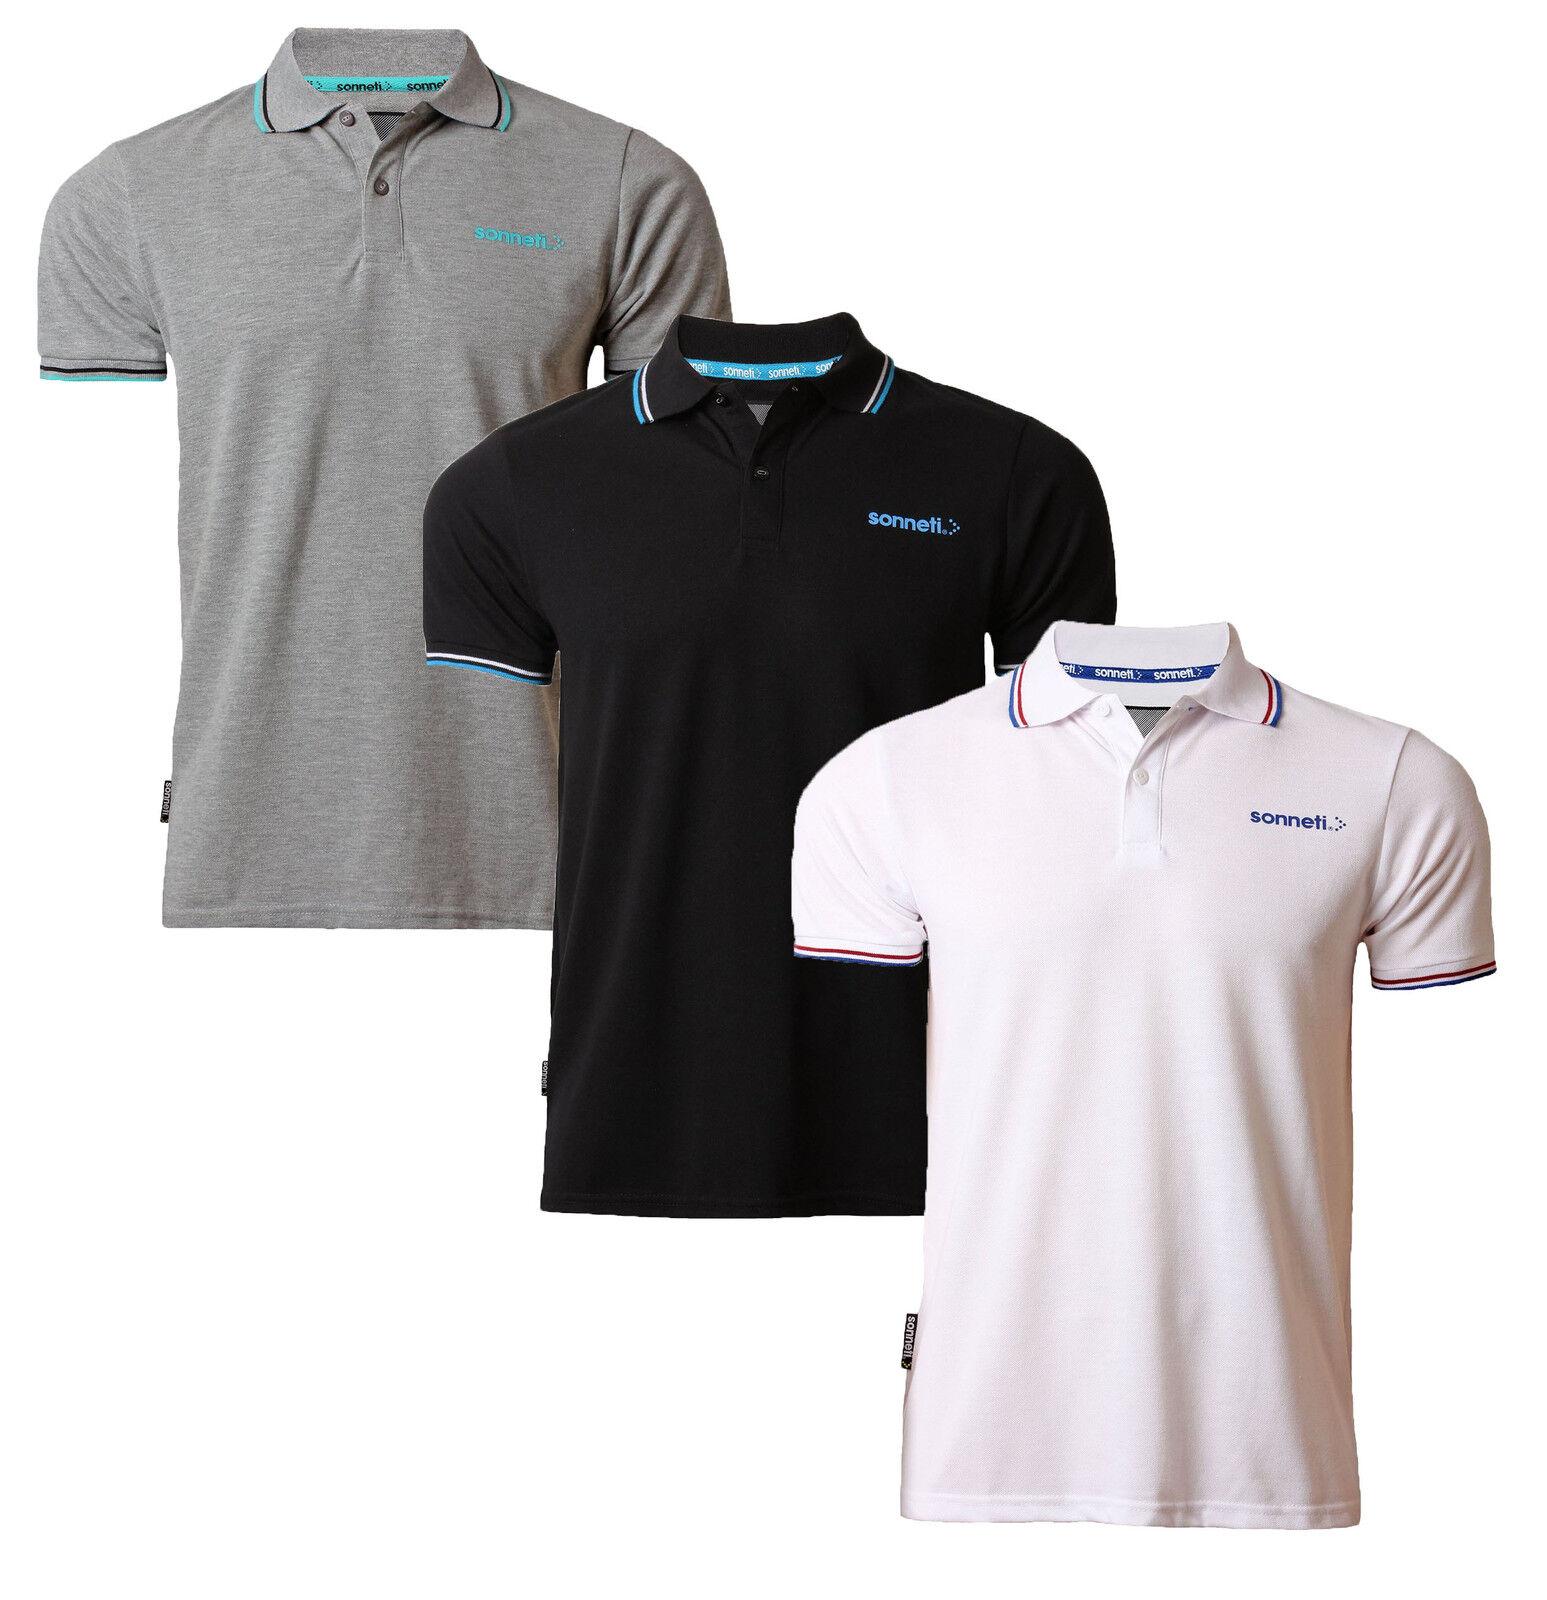 Sonneti Casual Polo in Cotone Piqué T-Shirt Top Retrò Nero Nuovo Bianco Grigio